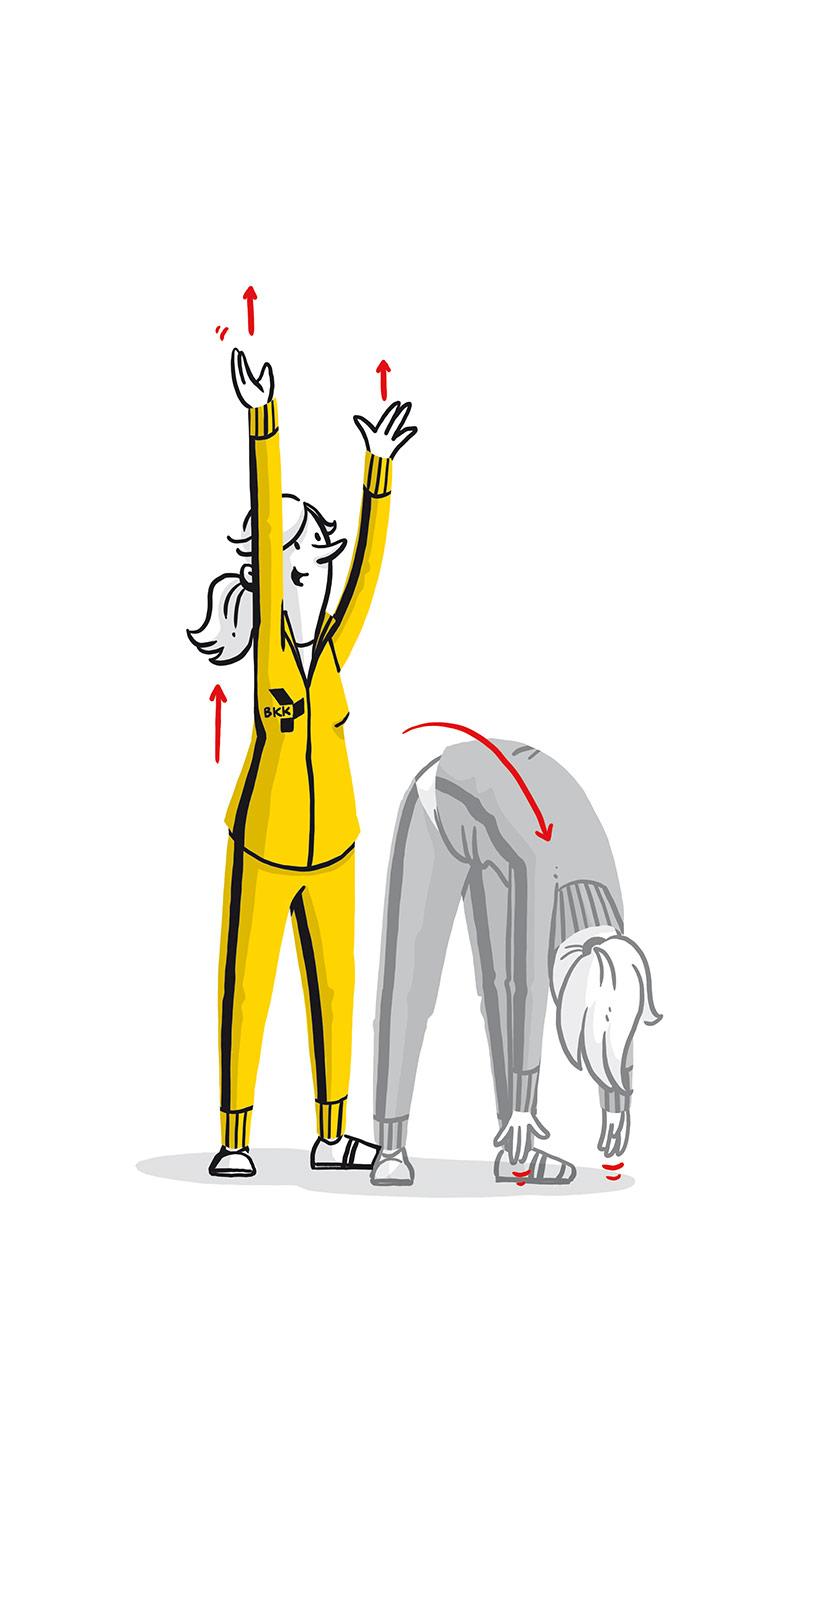 Illustriertes Maskottchen macht Dehnübungen